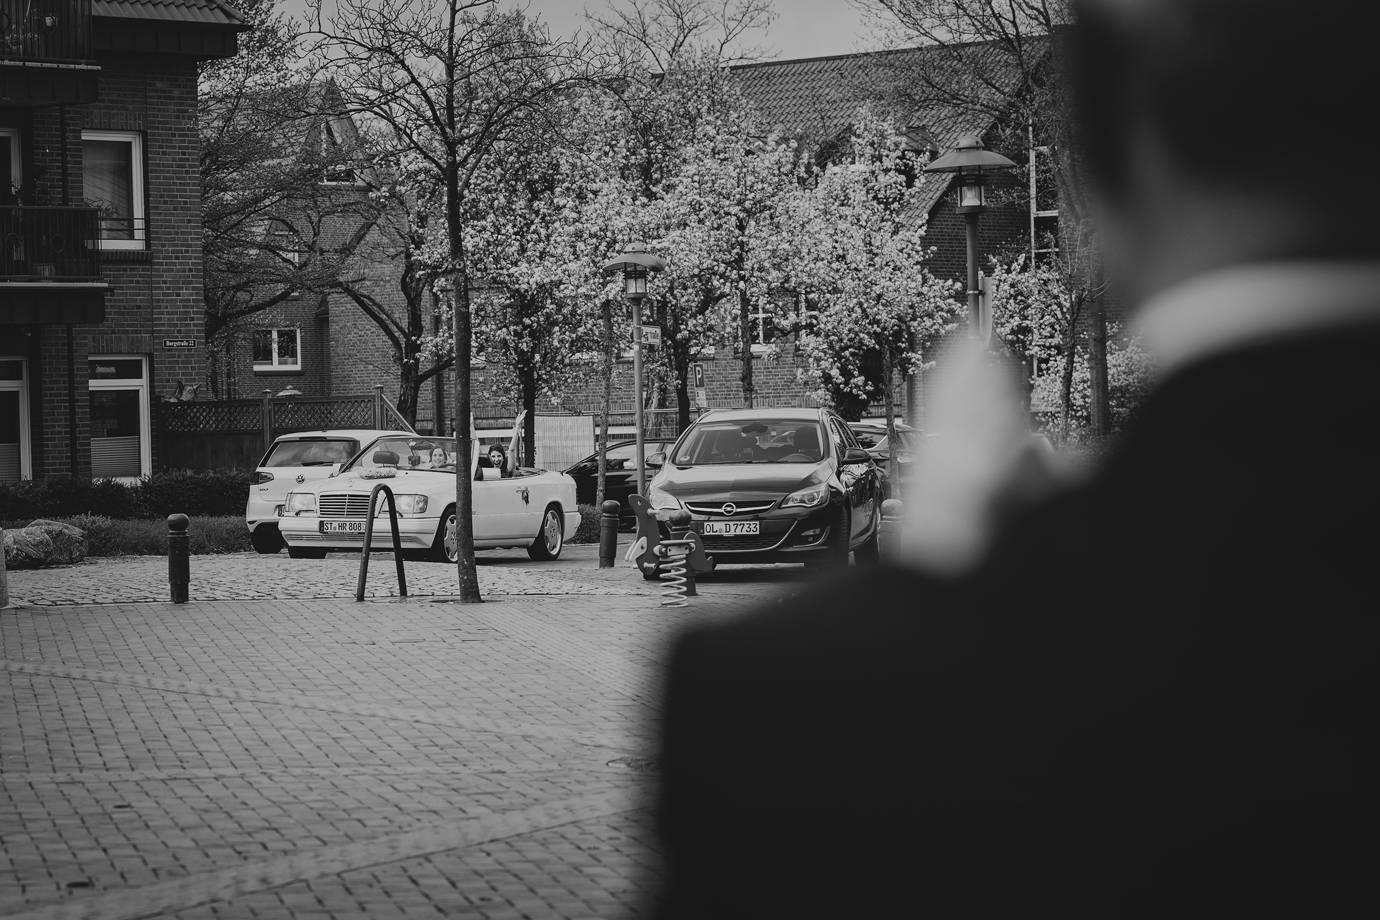 hochzeitsfotograf wildeshausen 061 - Kerstin+Henning